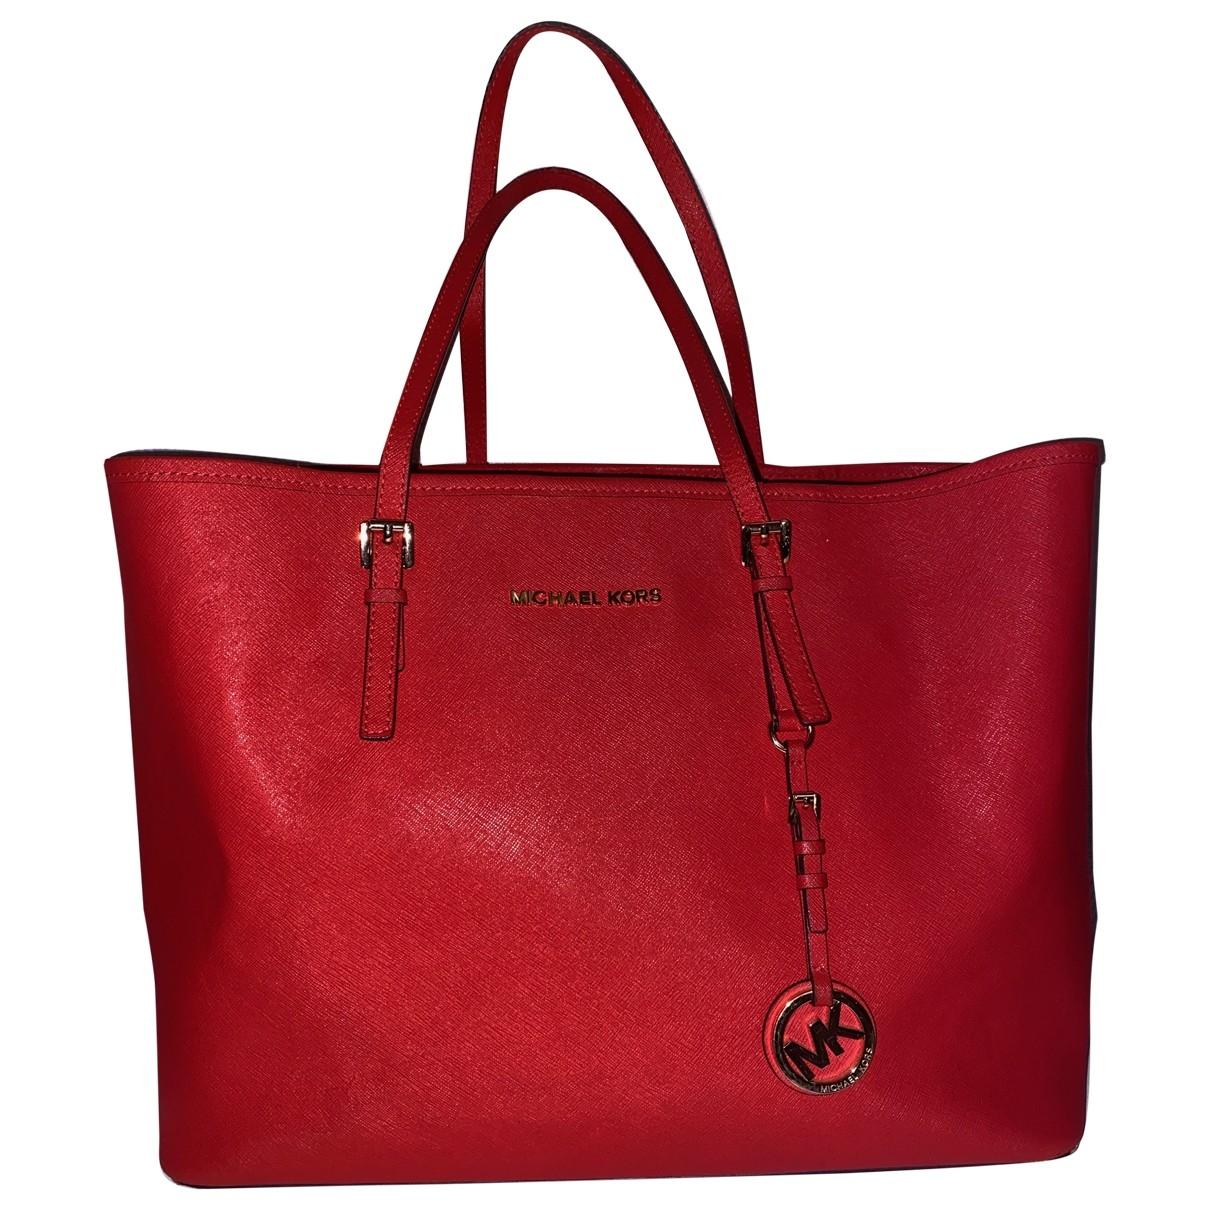 Michael Kors Jet Set Red Leather handbag for Women \N